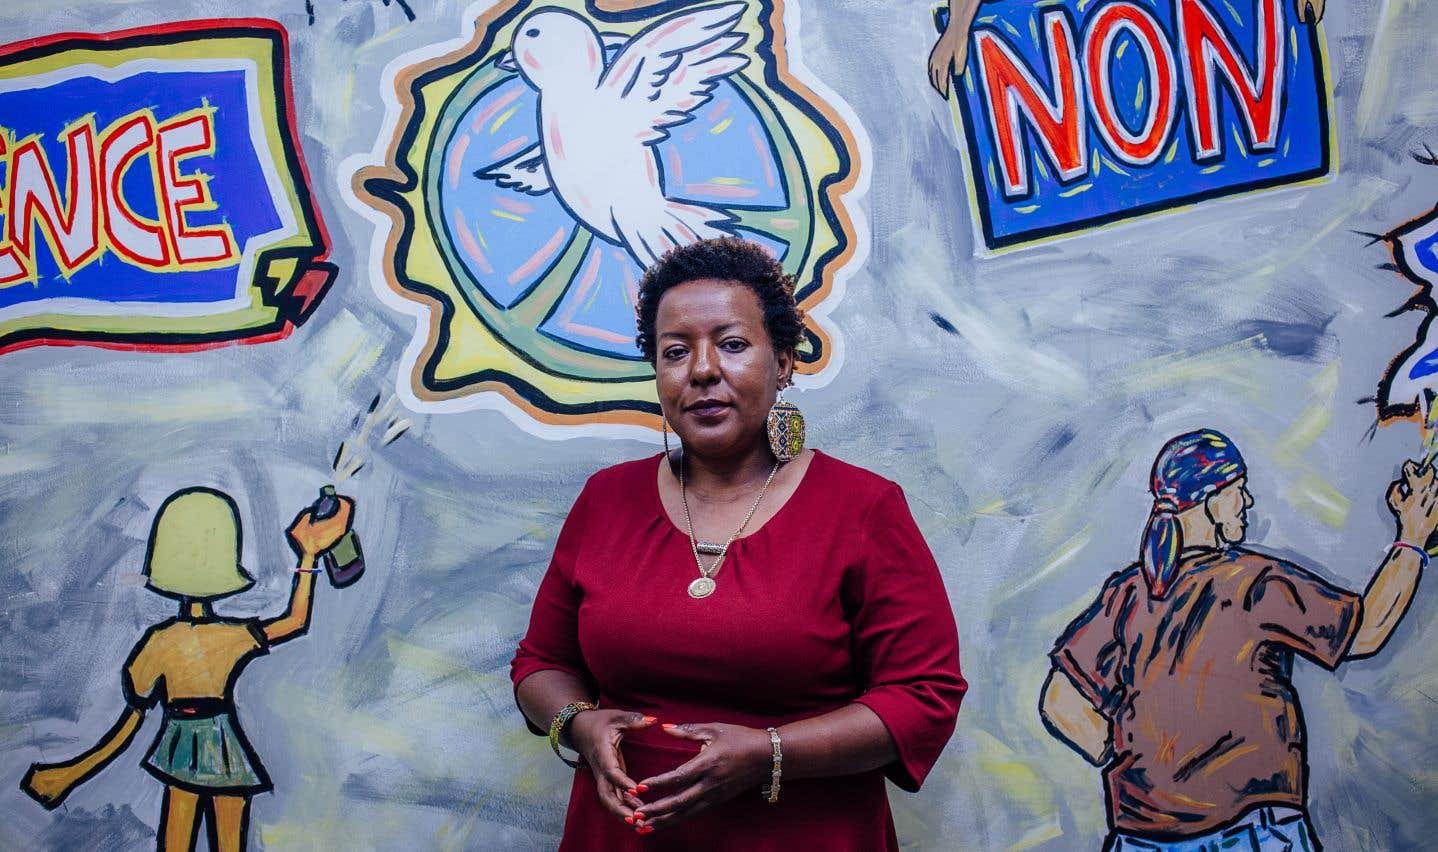 La conseillère en développement communautaire au poste de quartier 39, Rose-Andrée Hubbard